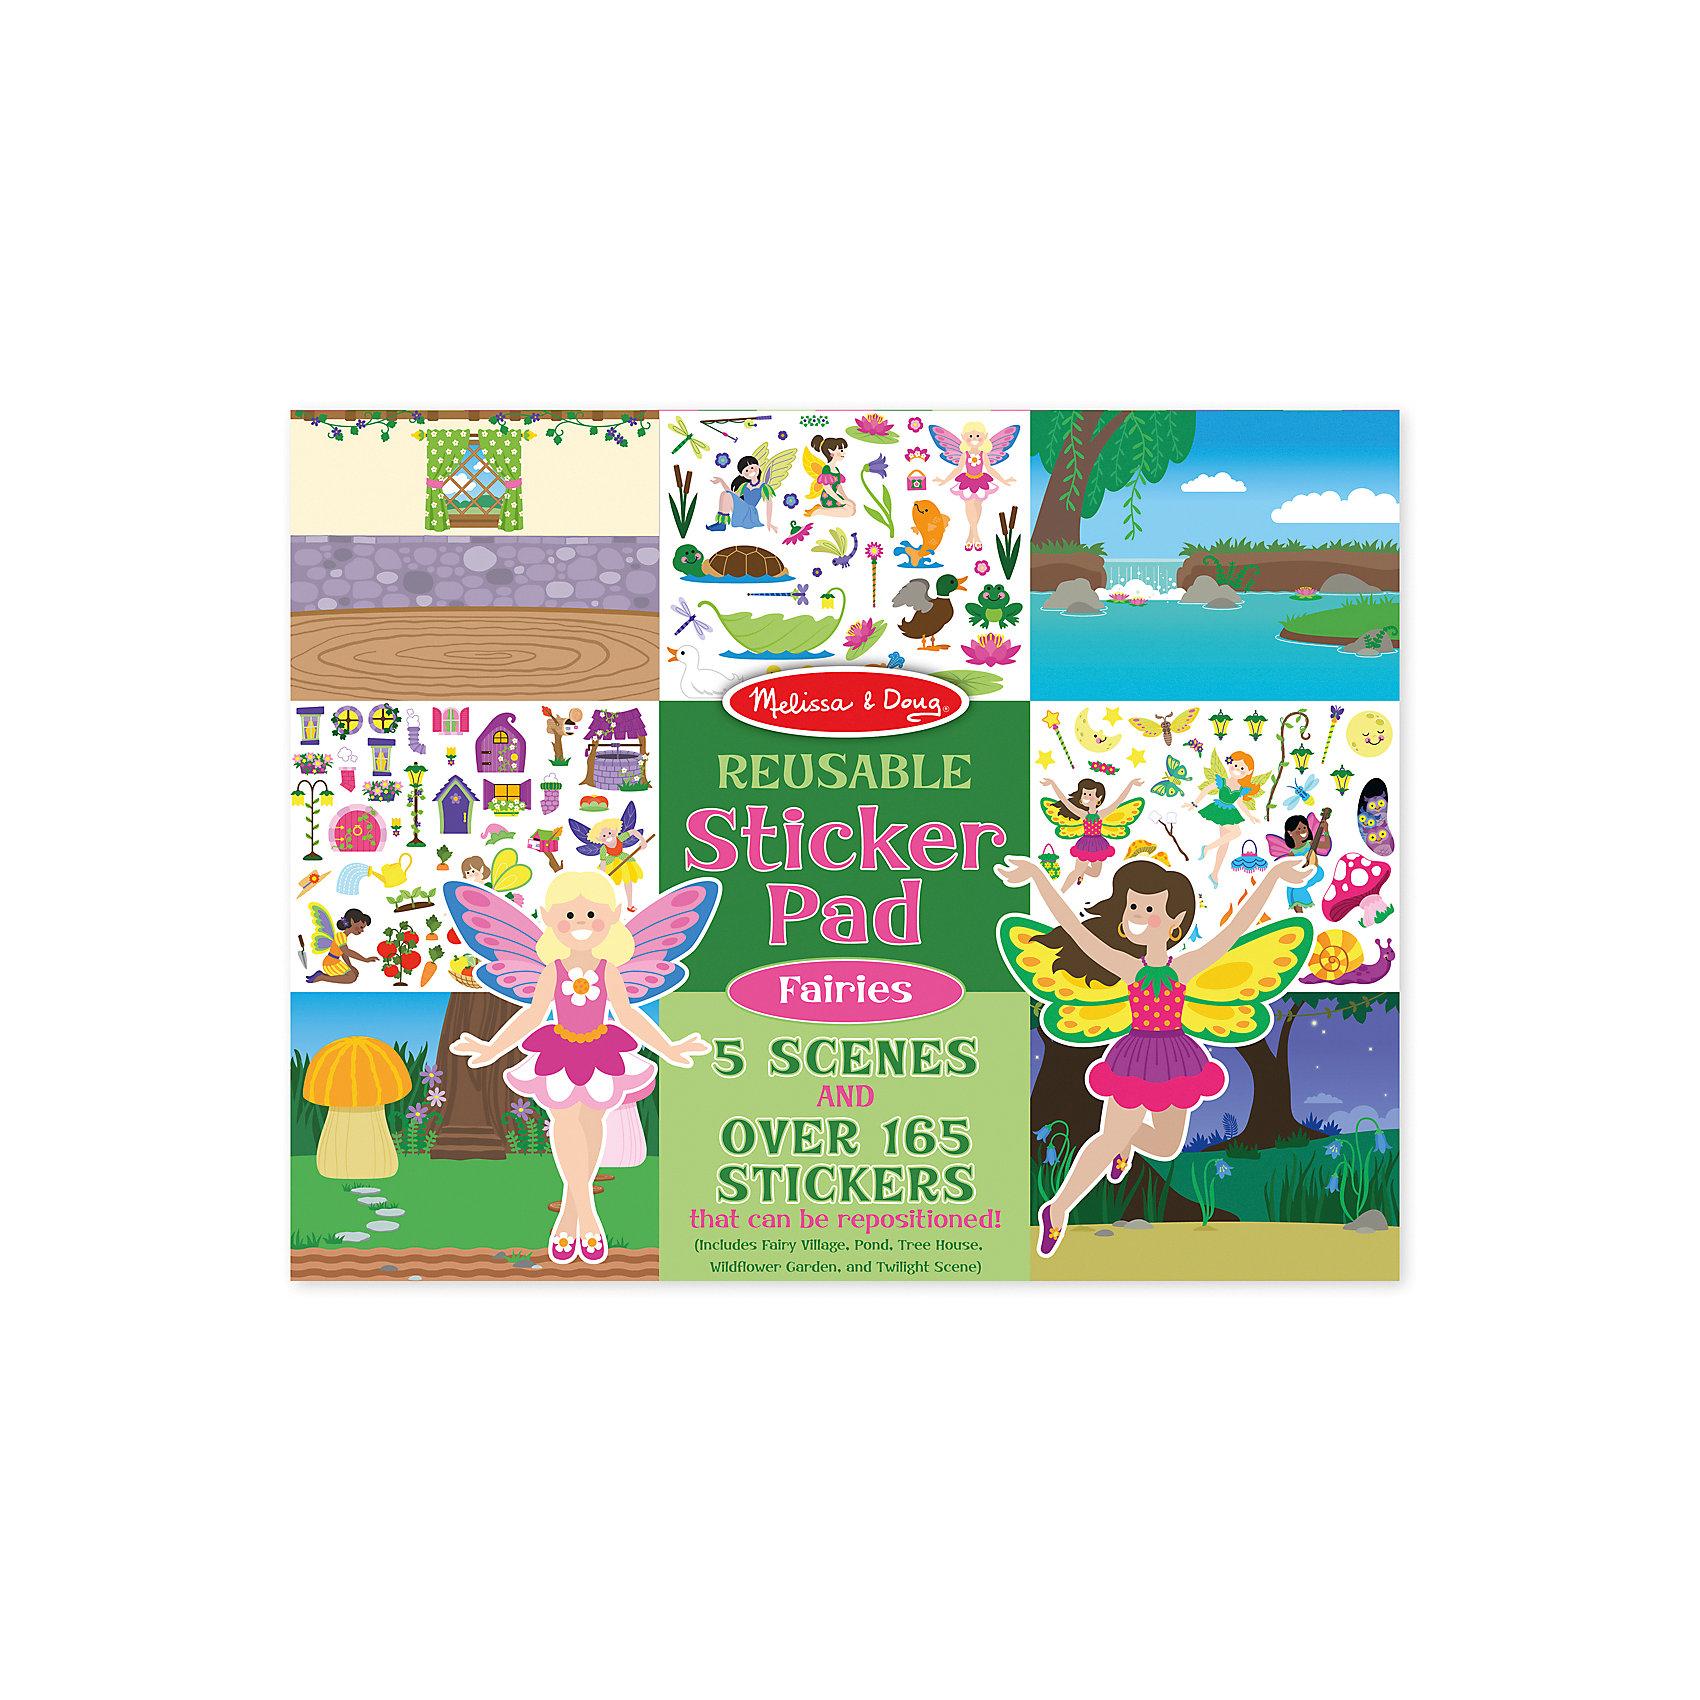 Книжка с многоразовыми наклейками ФеиКнижки с наклейками<br>Думаете, как порадовать ребенка? Такой набор - это отличный вариант подарка ребенку, который одновременно и развлечет малыша, и позволит ему развивать важные навыки. Это способствует развитию у малышей мелкой моторики, цветовосприятия, художественного вкуса, внимания и воображения. <br>Набор состоит из листов с заготовками, которые можно заполнять волшебными деталями с помощью наклеек. Это очень увлекательно! Набор отличается простотой использования и отличным качеством исполнения. <br><br>Дополнительная информация:<br><br>комплектация: пять листов, 200 наклеек;<br>материал: бумага;<br>размер упаковки: 360 х 280 х 10 мм.<br><br>Набор со стикерами и фоном Феи от бренда Melissa&amp;Doug можно купить в нашем магазине.<br><br>Ширина мм: 360<br>Глубина мм: 10<br>Высота мм: 280<br>Вес г: 386<br>Возраст от месяцев: 36<br>Возраст до месяцев: 84<br>Пол: Женский<br>Возраст: Детский<br>SKU: 4993684